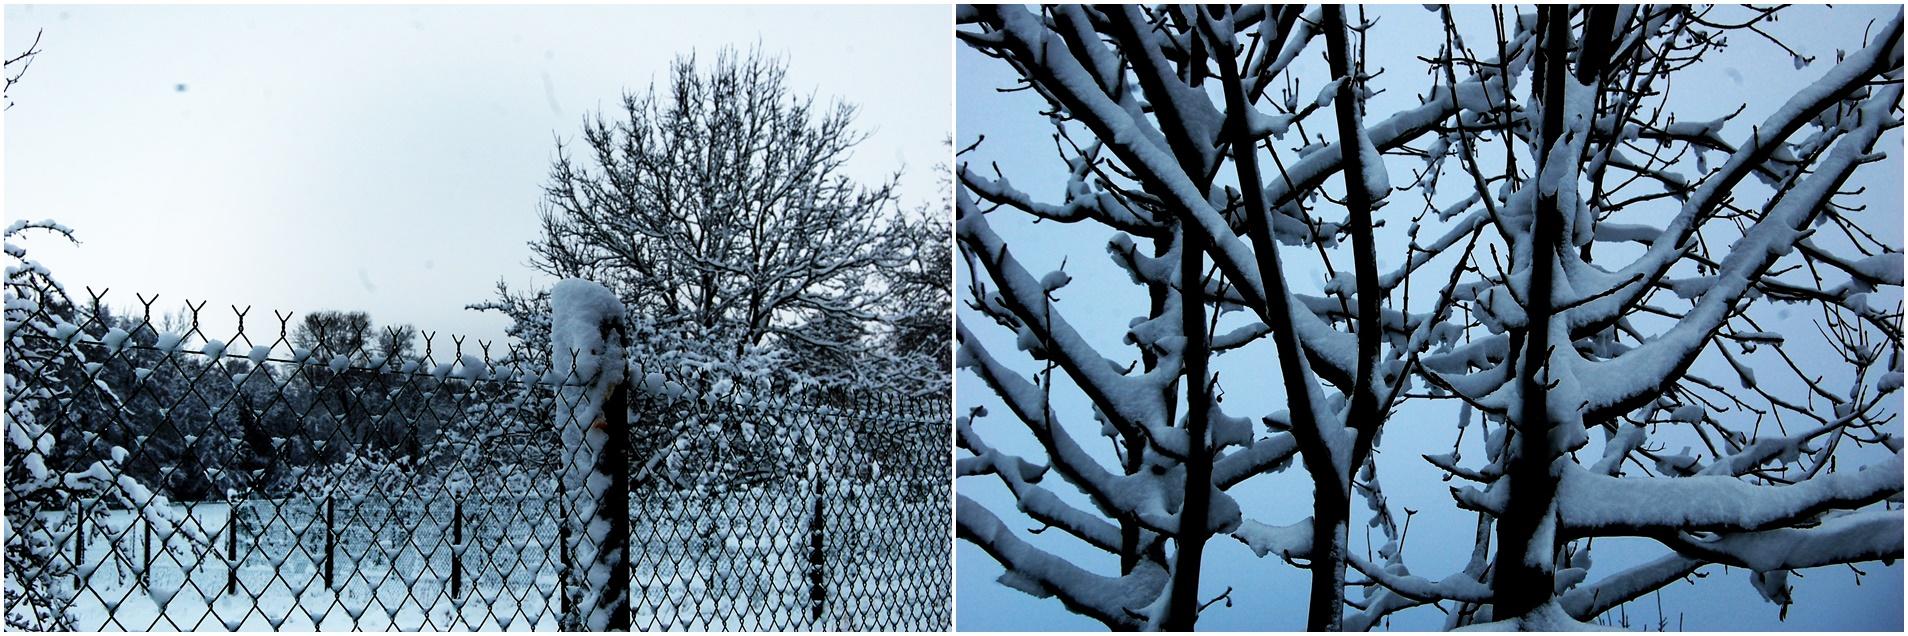 neige 2010 1